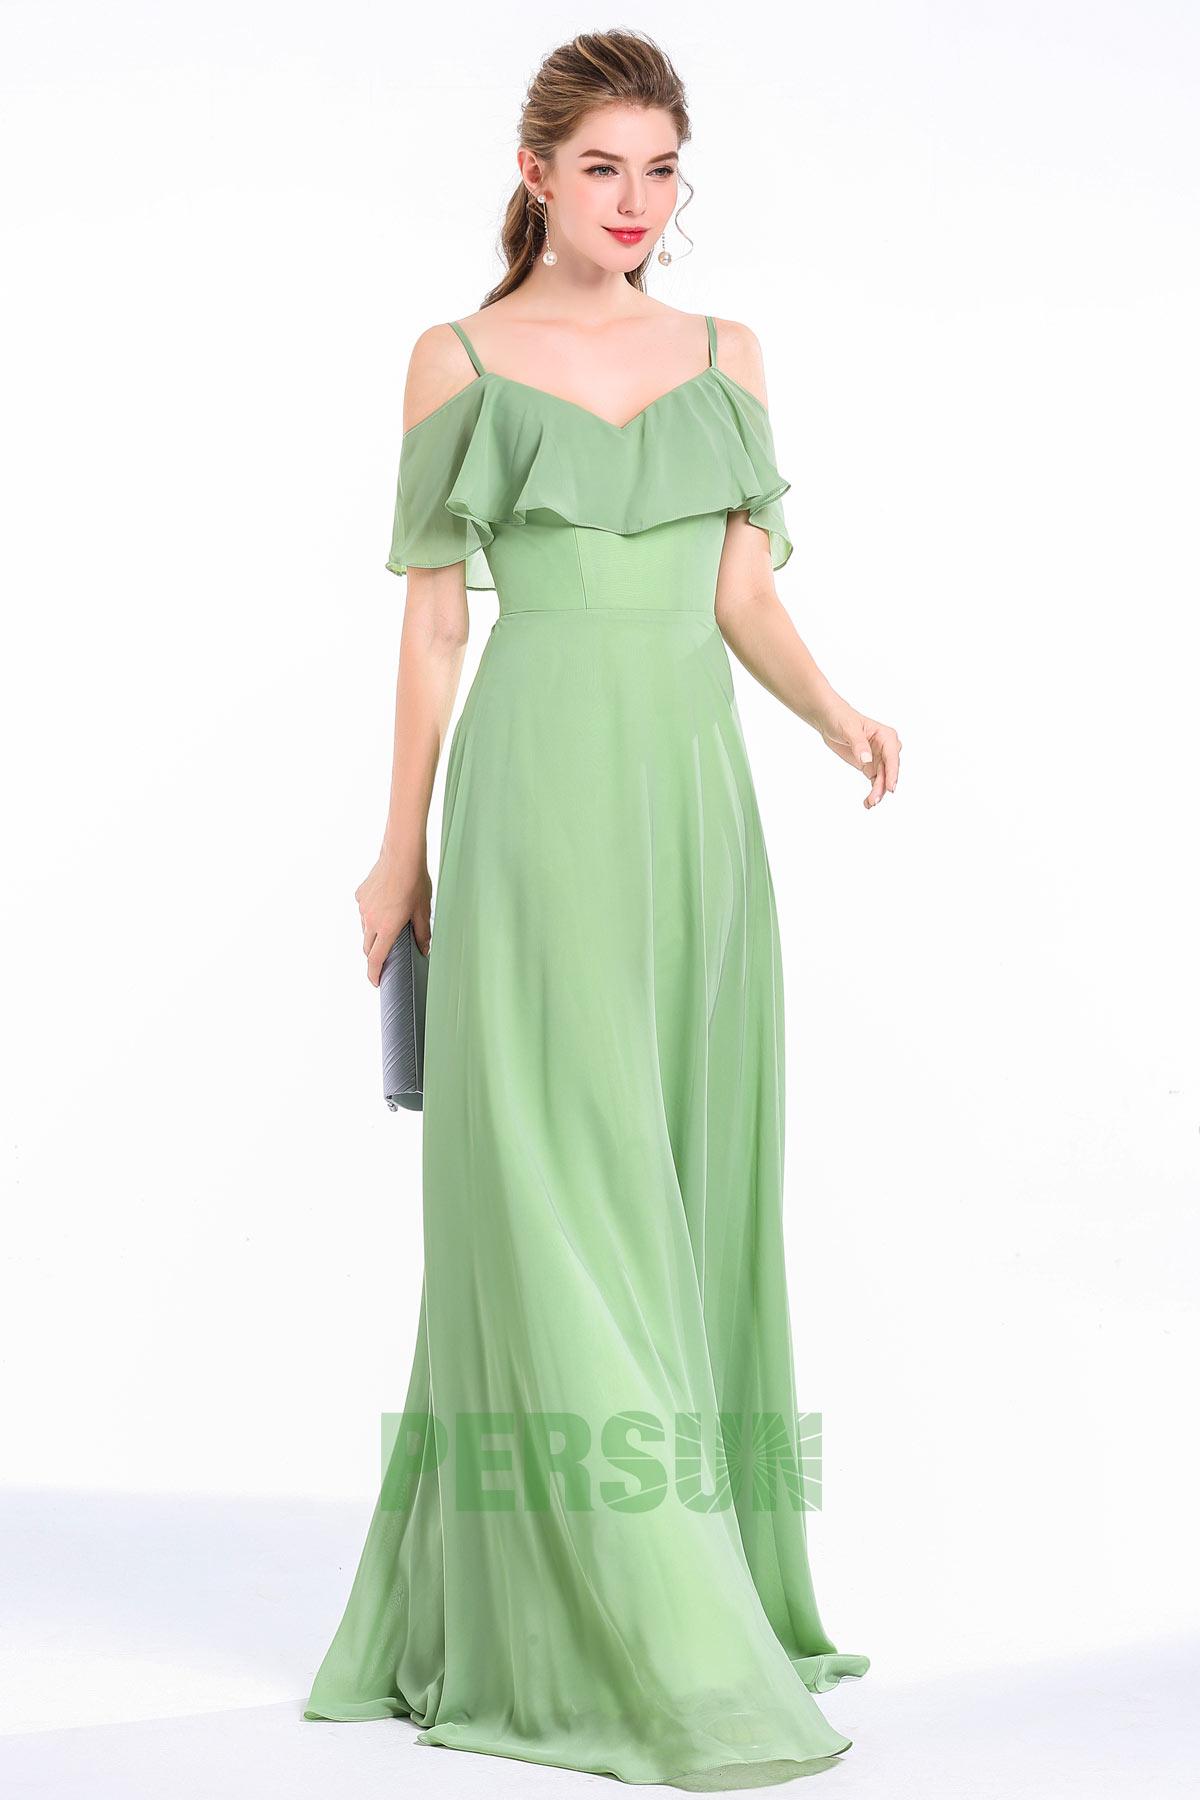 6509e24a48c28 ... robe demoiselle d honneur verte mousseline longue avec bretelle